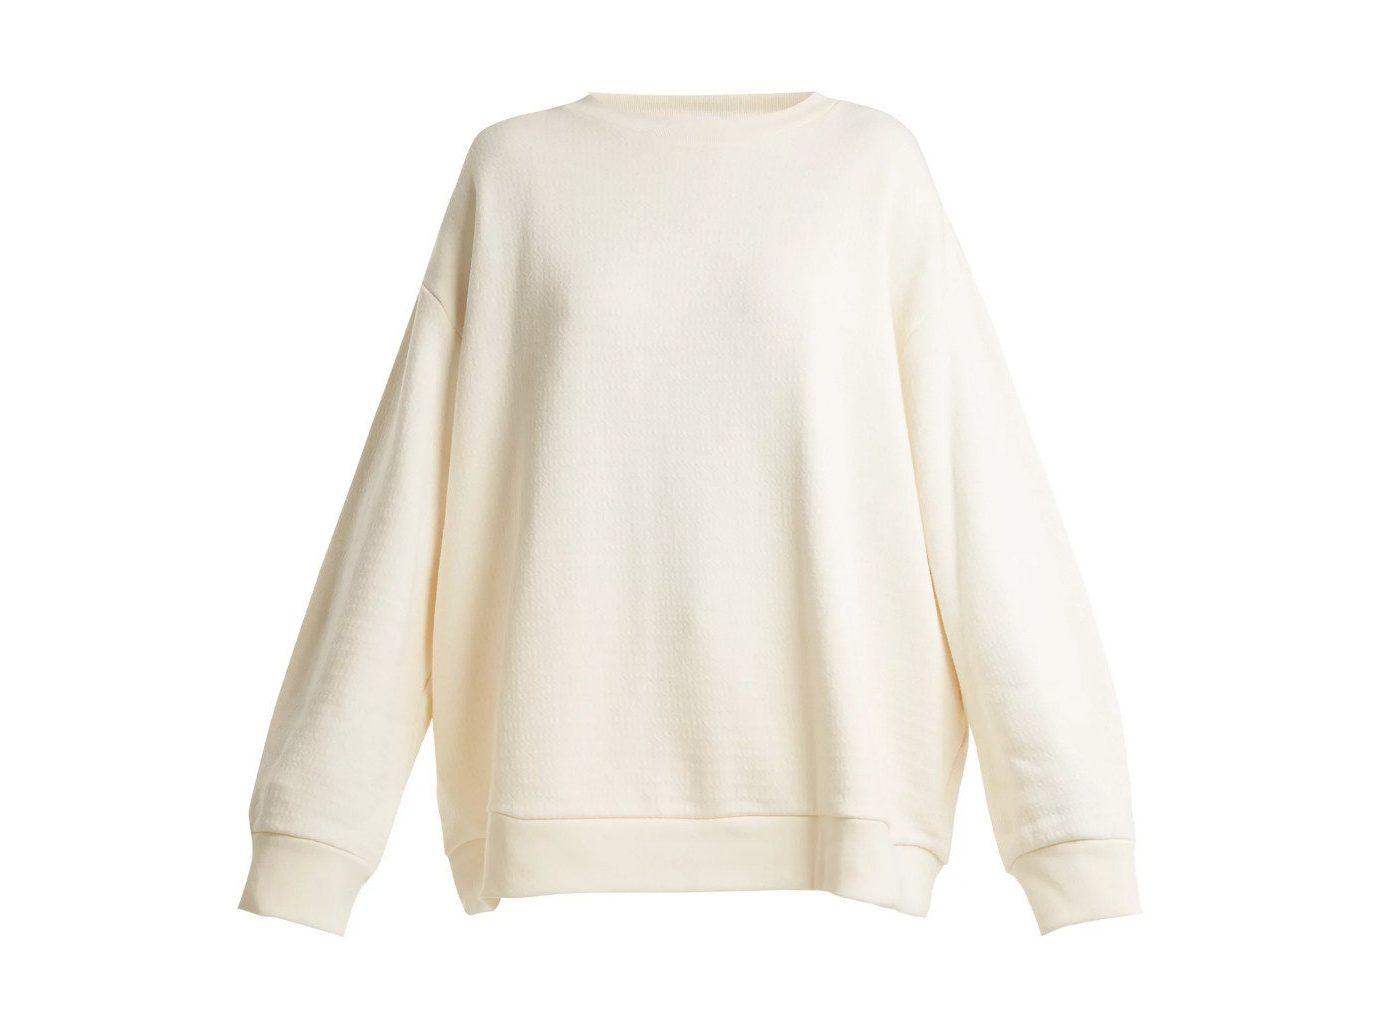 Style + Design Travel Shop sleeve shoulder neck sweater beige long sleeved t shirt